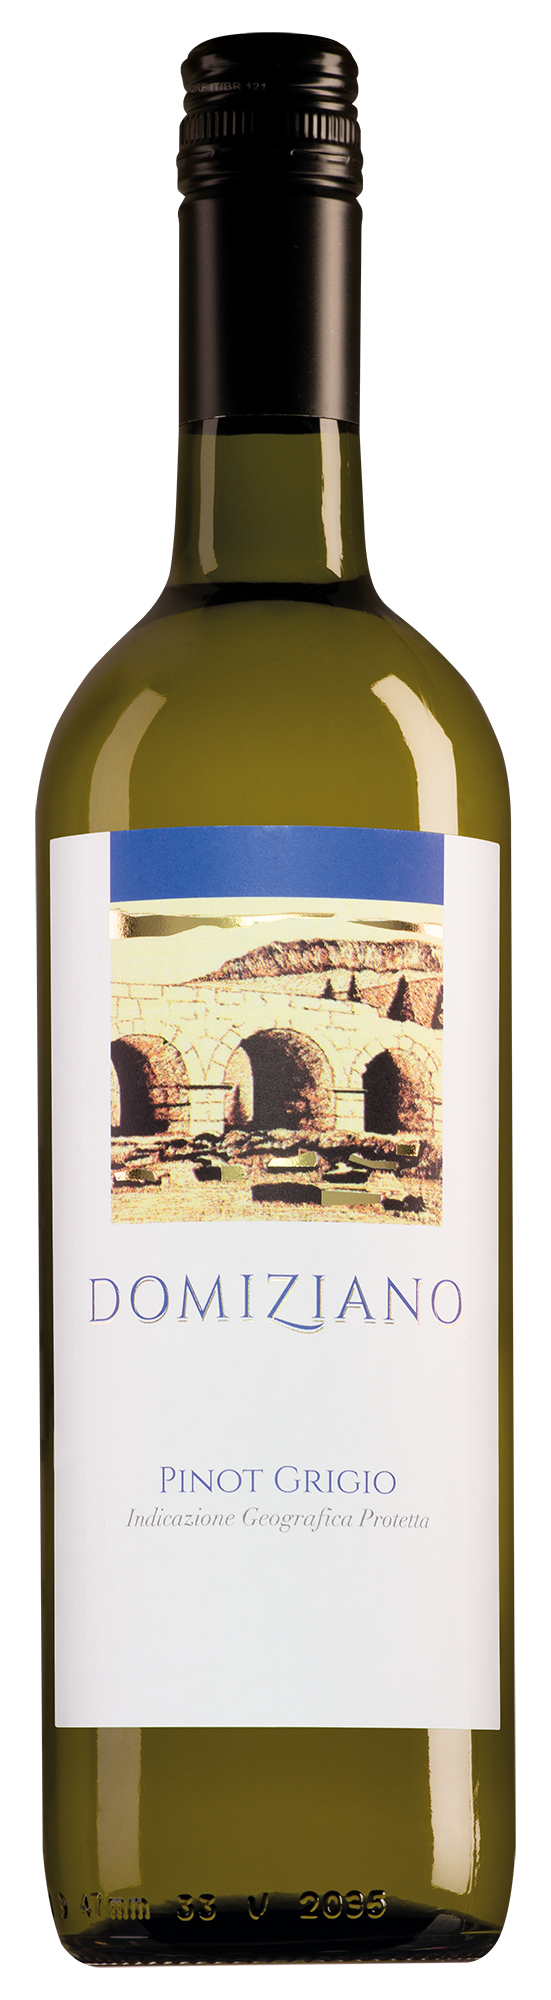 Cantine Due Palme Salento Domiziano Pinot Grigio